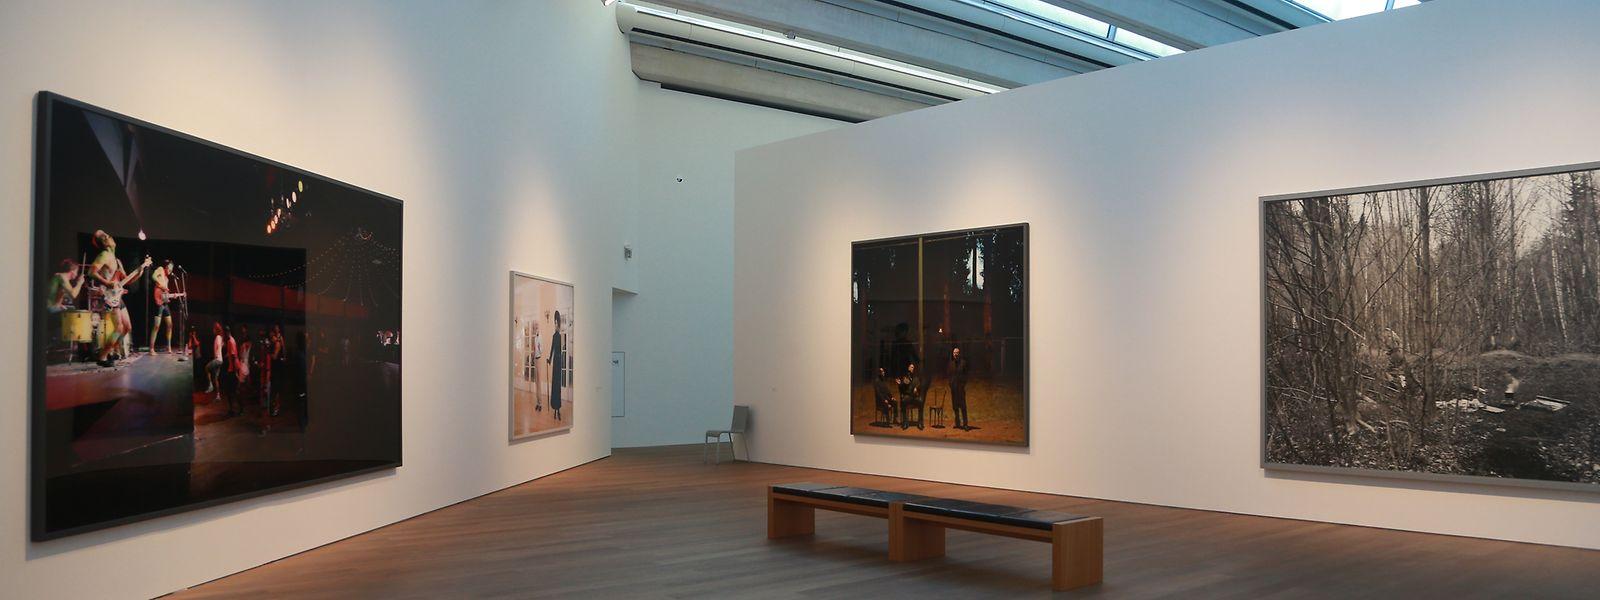 Les deux grandes salles du 1er étage accueillent l'exposition.